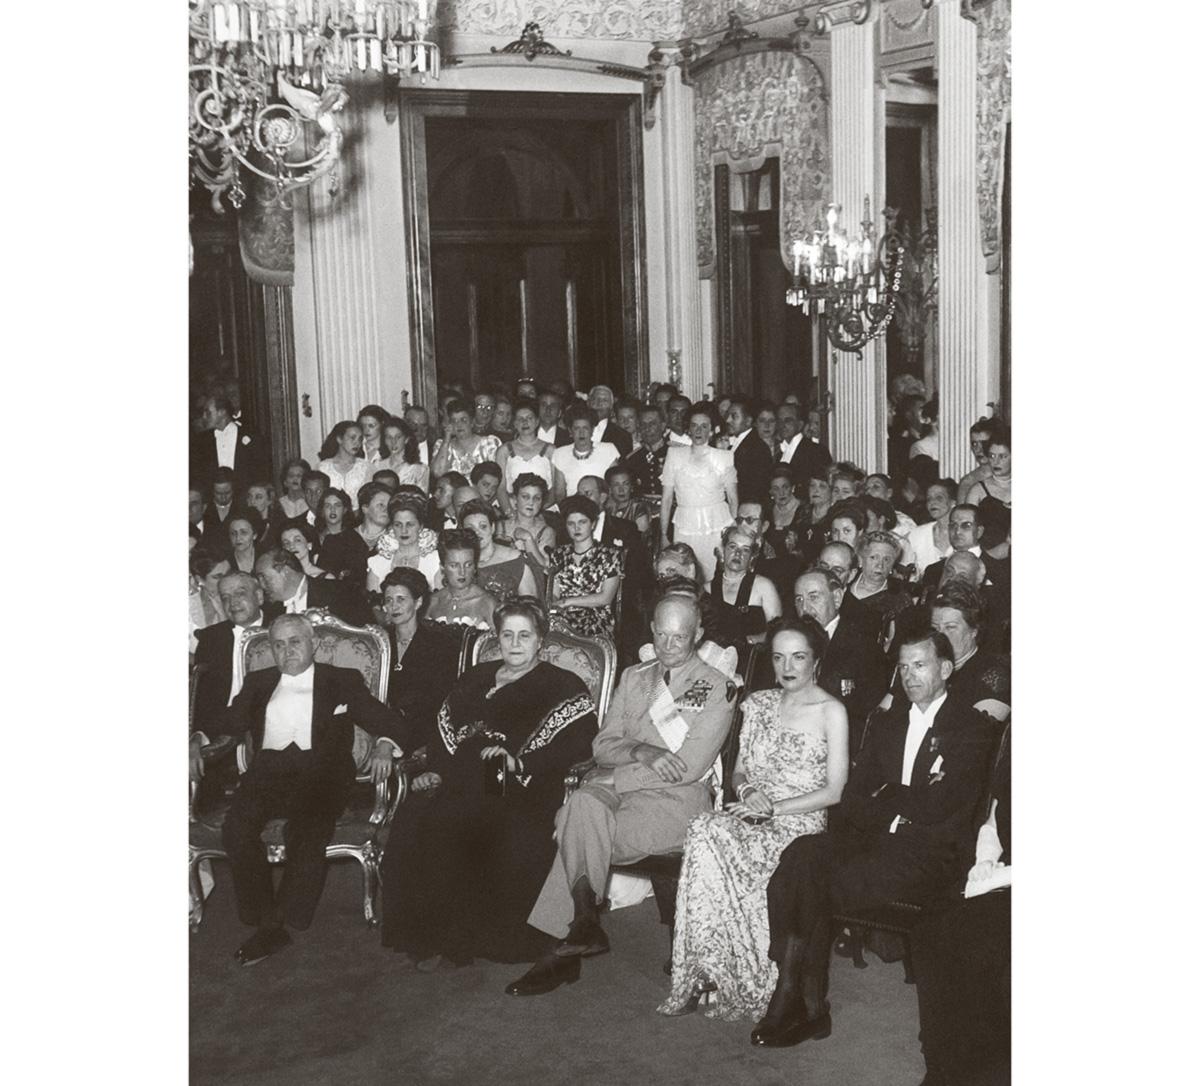 Recepção no salão nobre do Palácio do Itamaraty em homenagem ao general americano Dwight D. Eisenhower, em visita oficial ao Rio de Janeiro, capital da República, em agosto de 1946